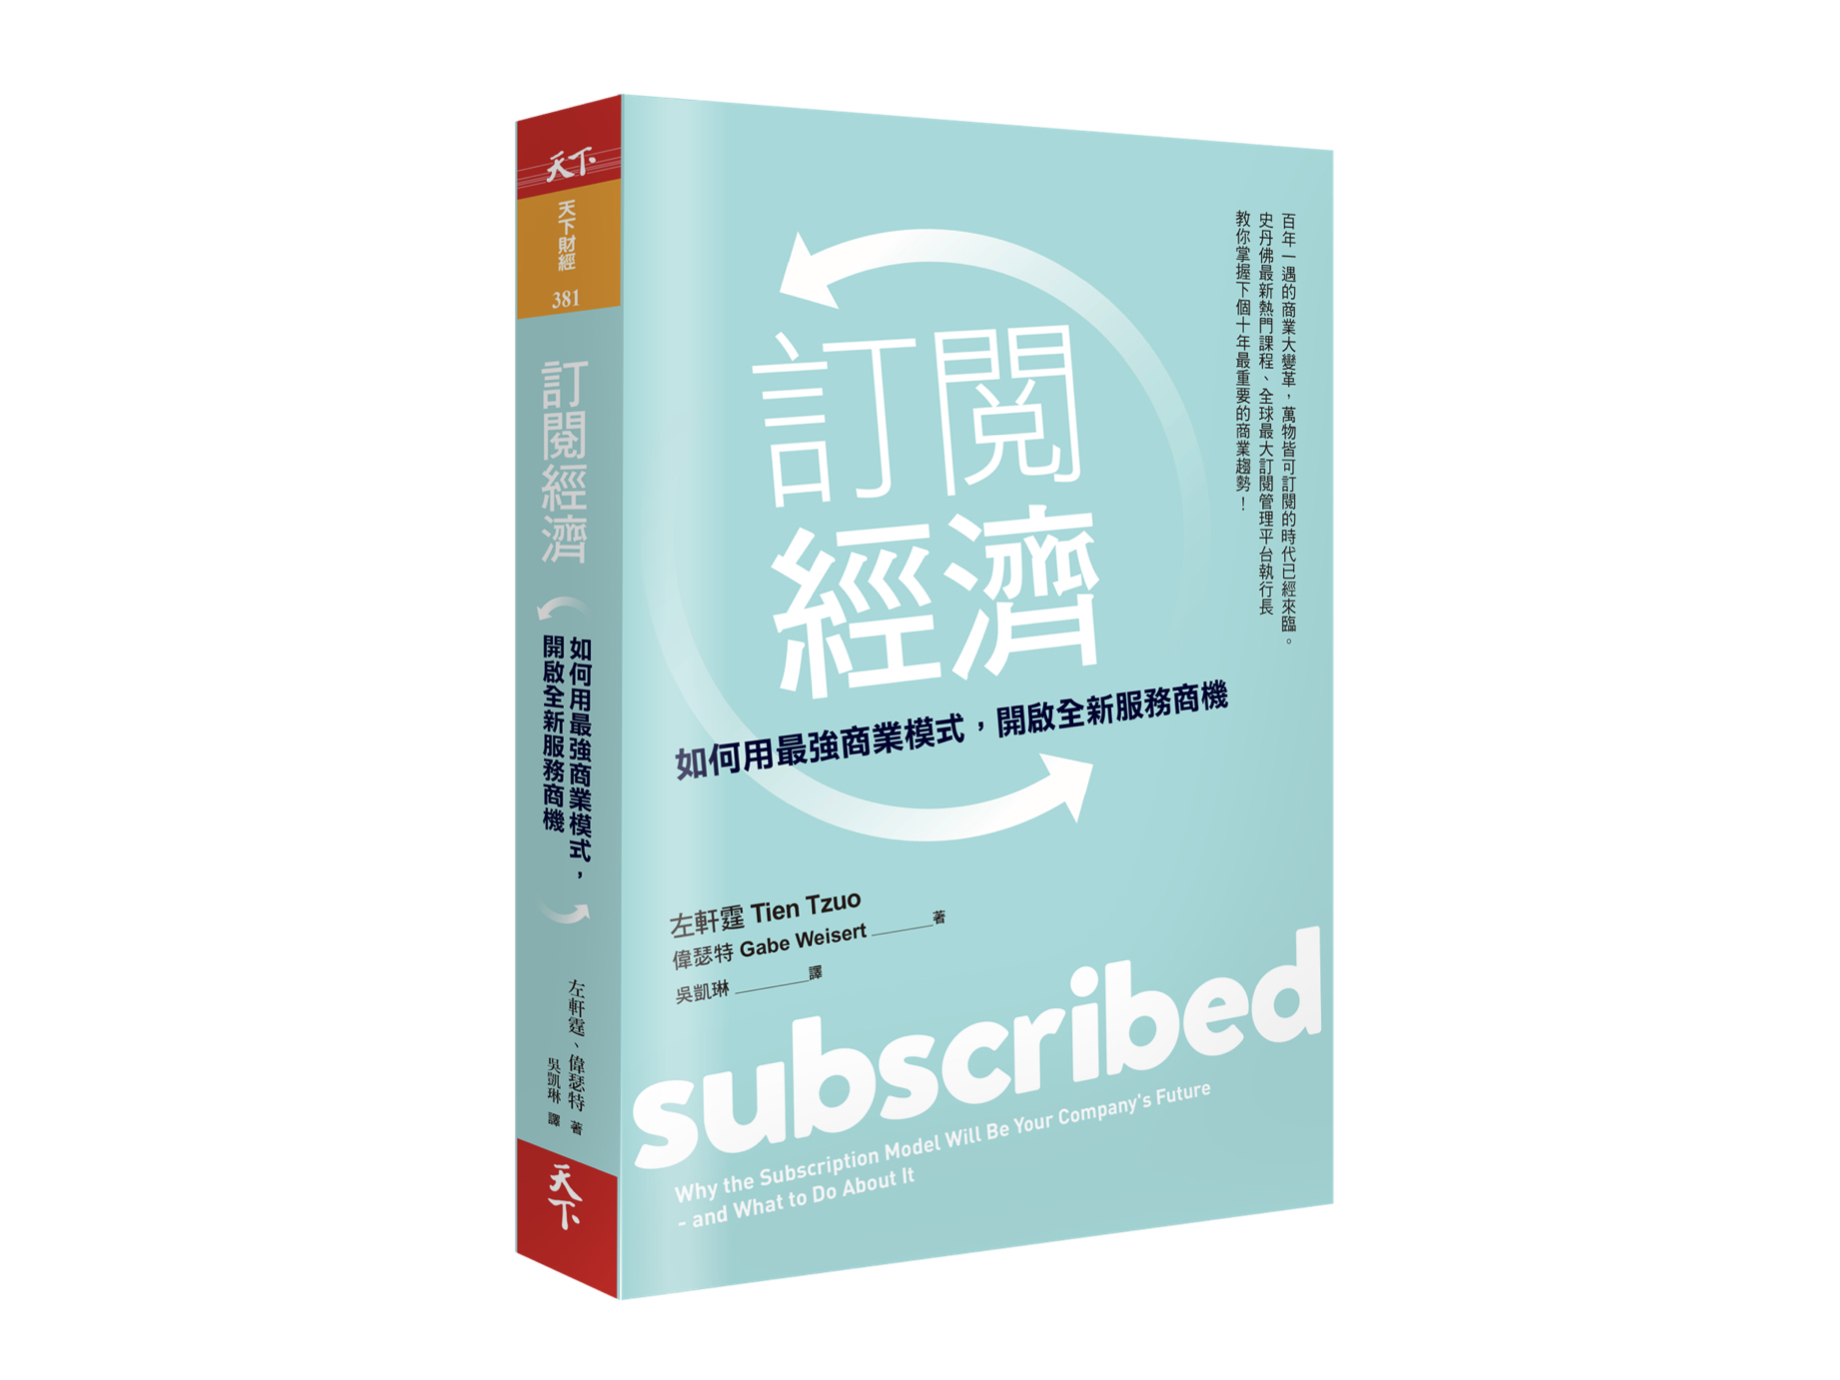 新書搶先看》翻新商業模式,數位轉型開啟全新服務商機